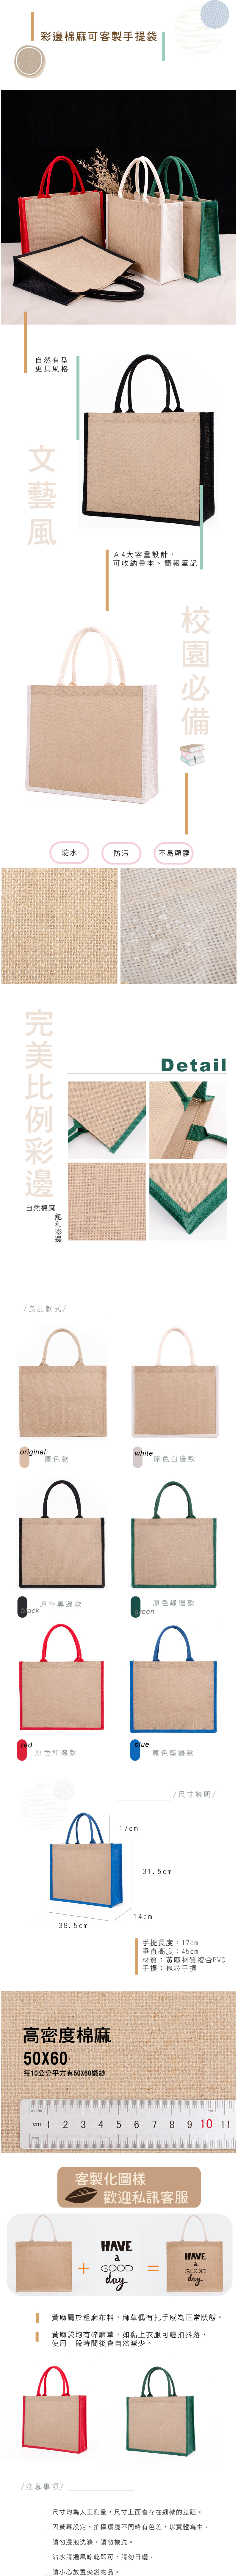 0916 彩邊棉麻可客製手提袋